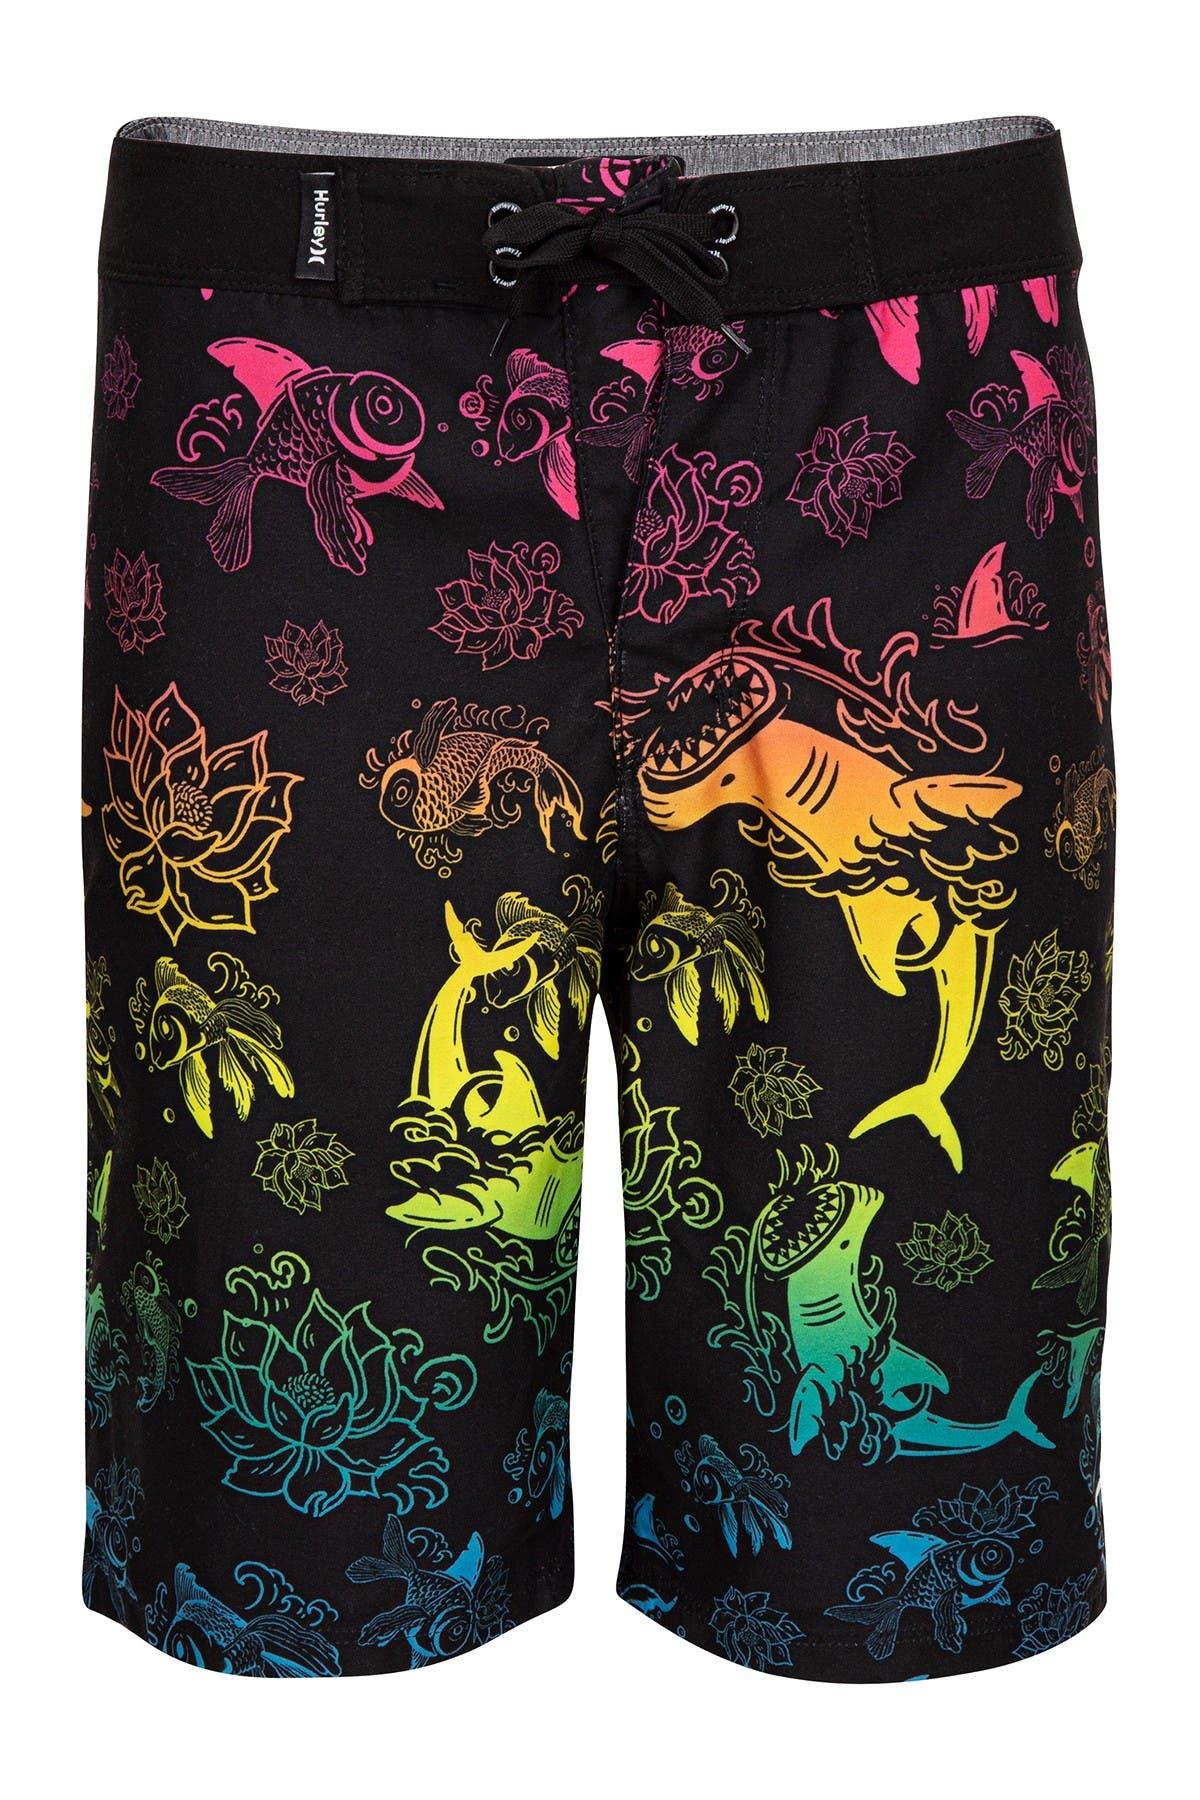 Image of Hurley Koi Fish Lace-Up Boardshorts